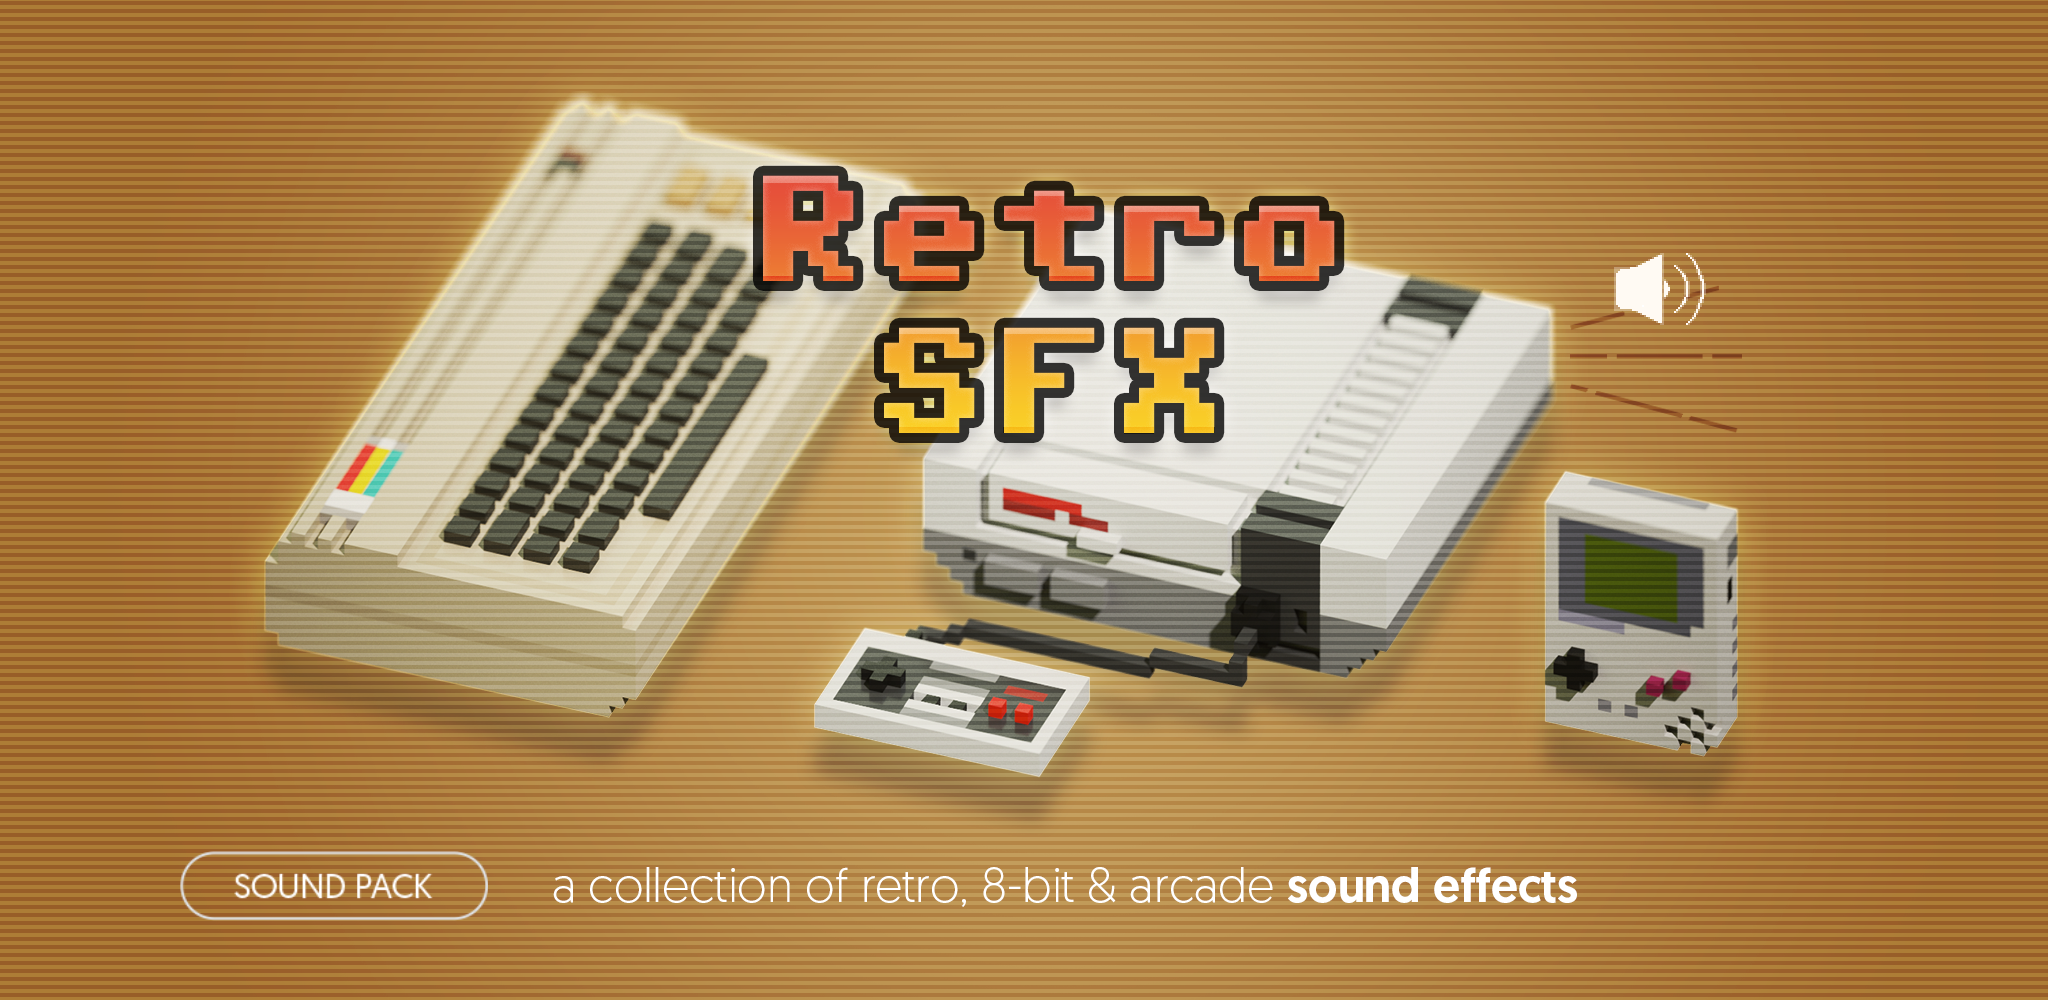 Retro SFX - sound pack